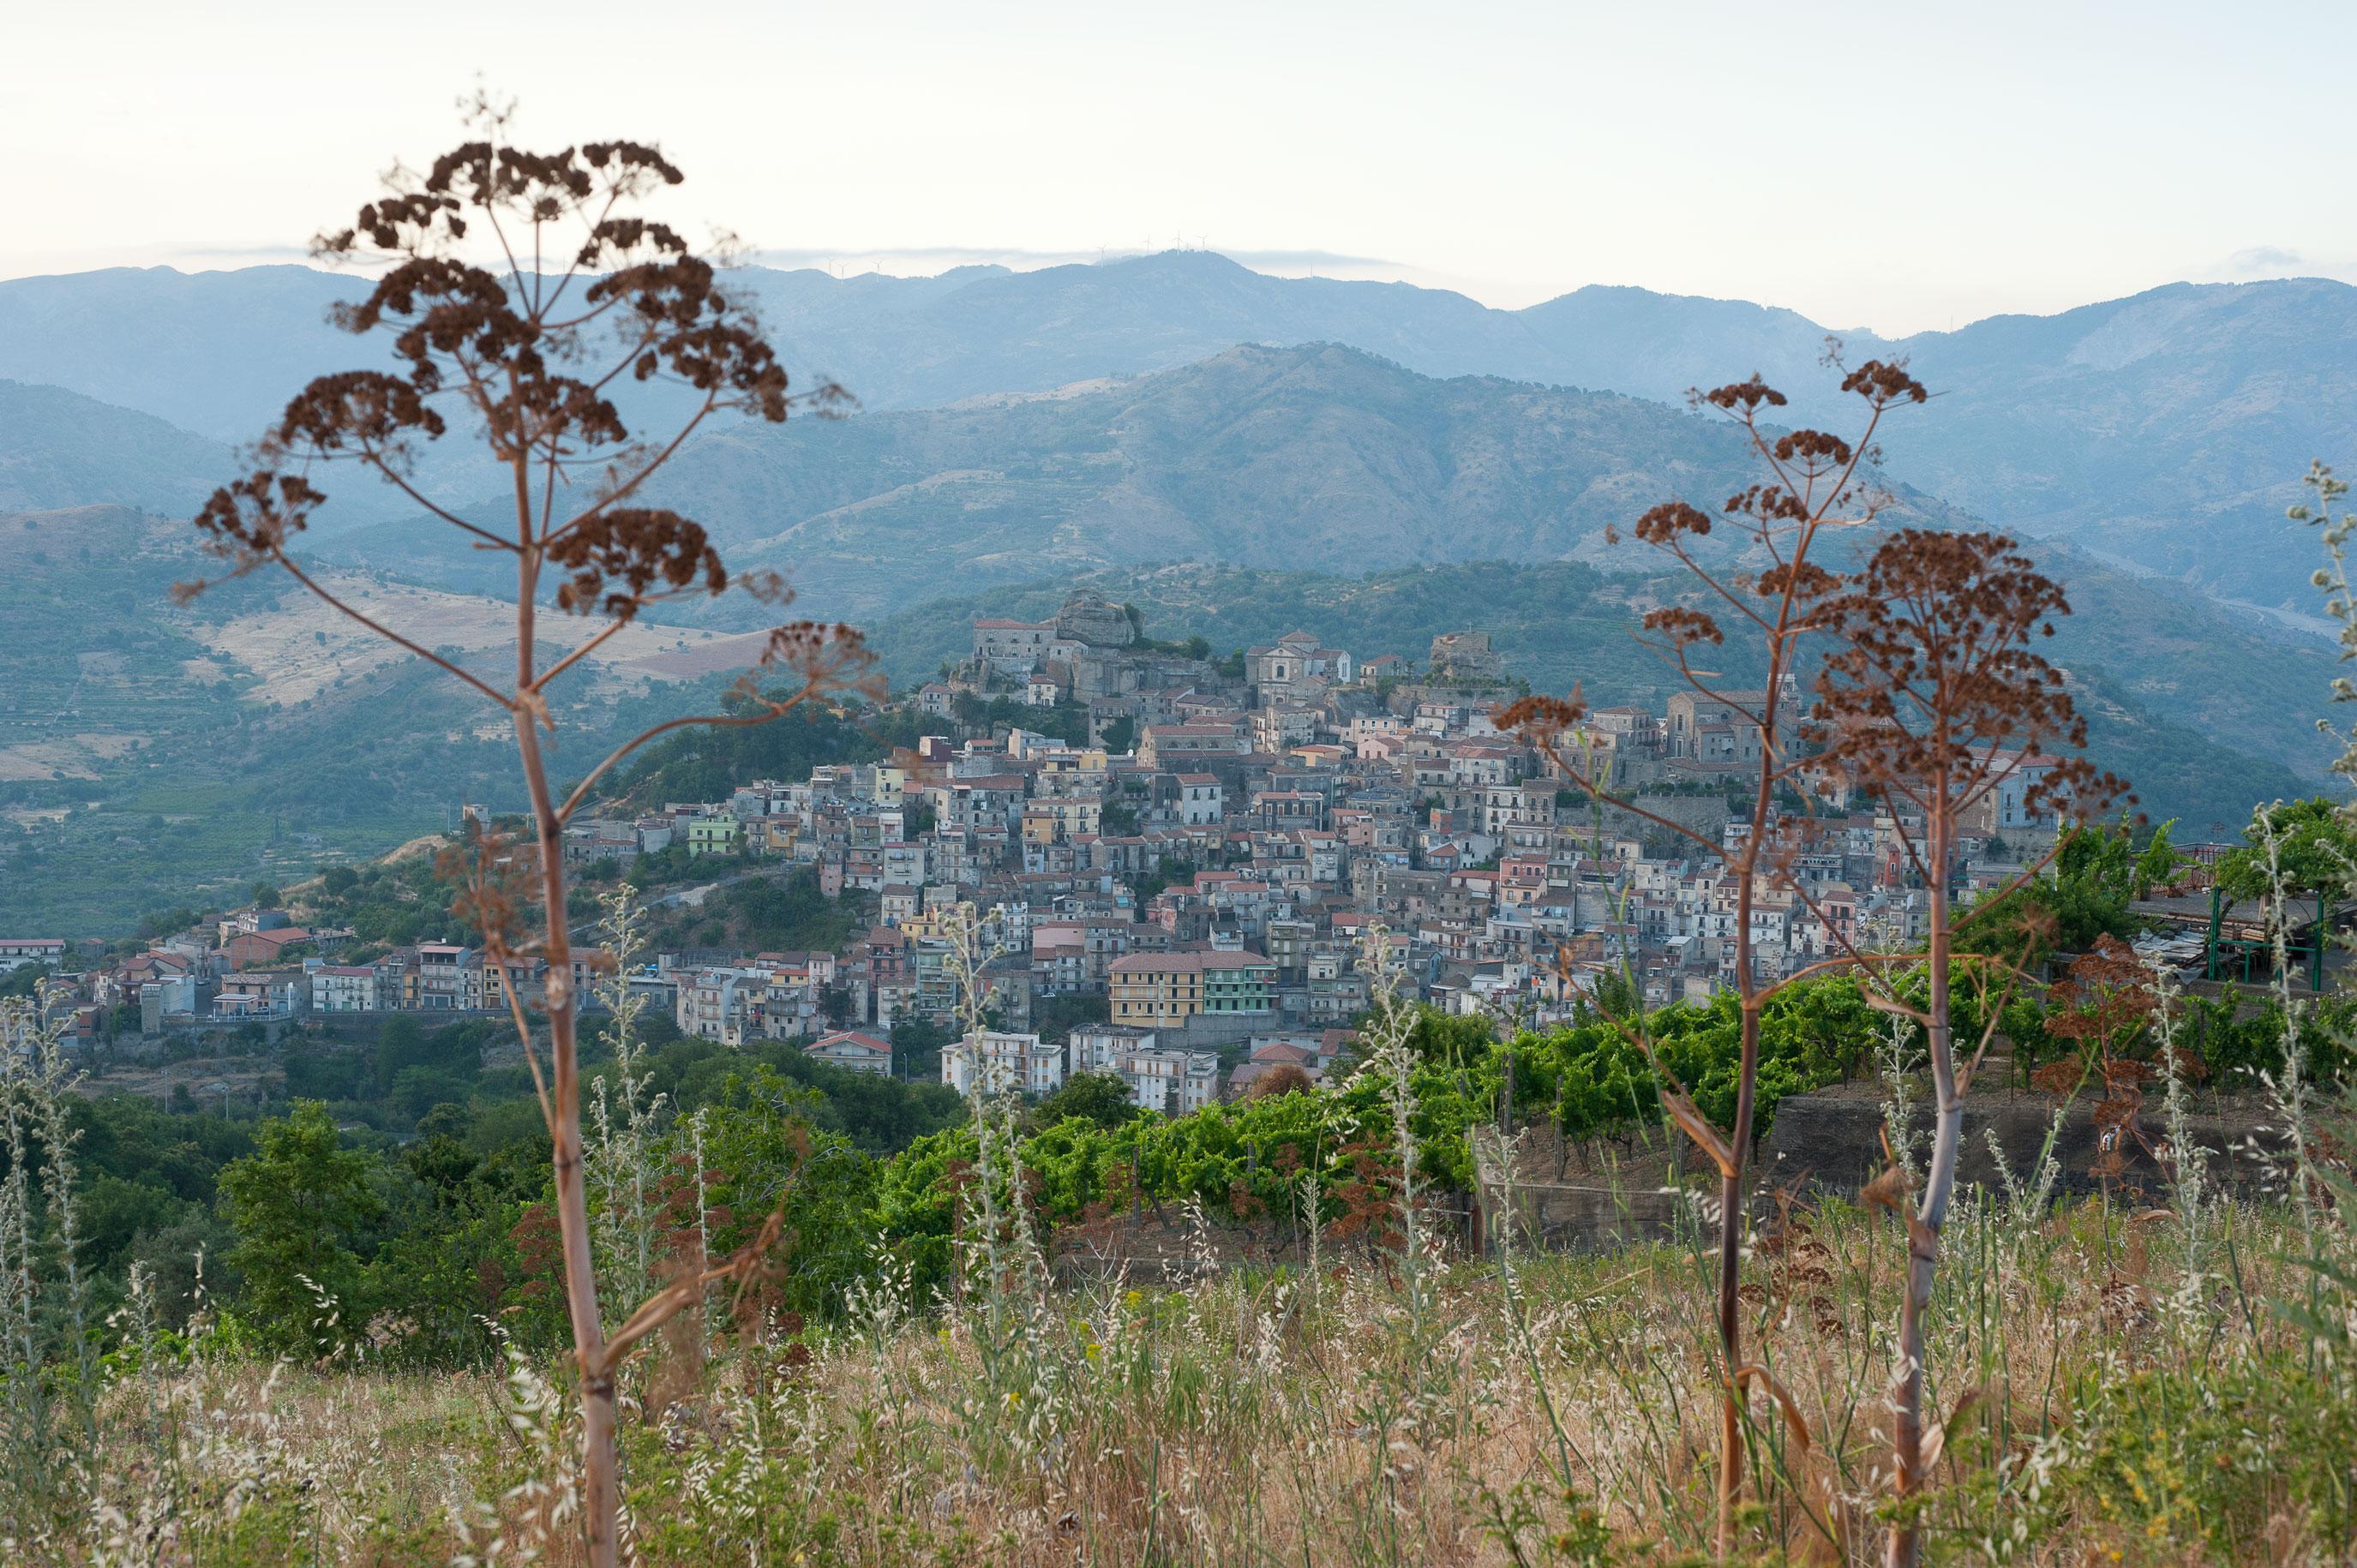 1_Sicily_Castiglione_Sicilia_2310